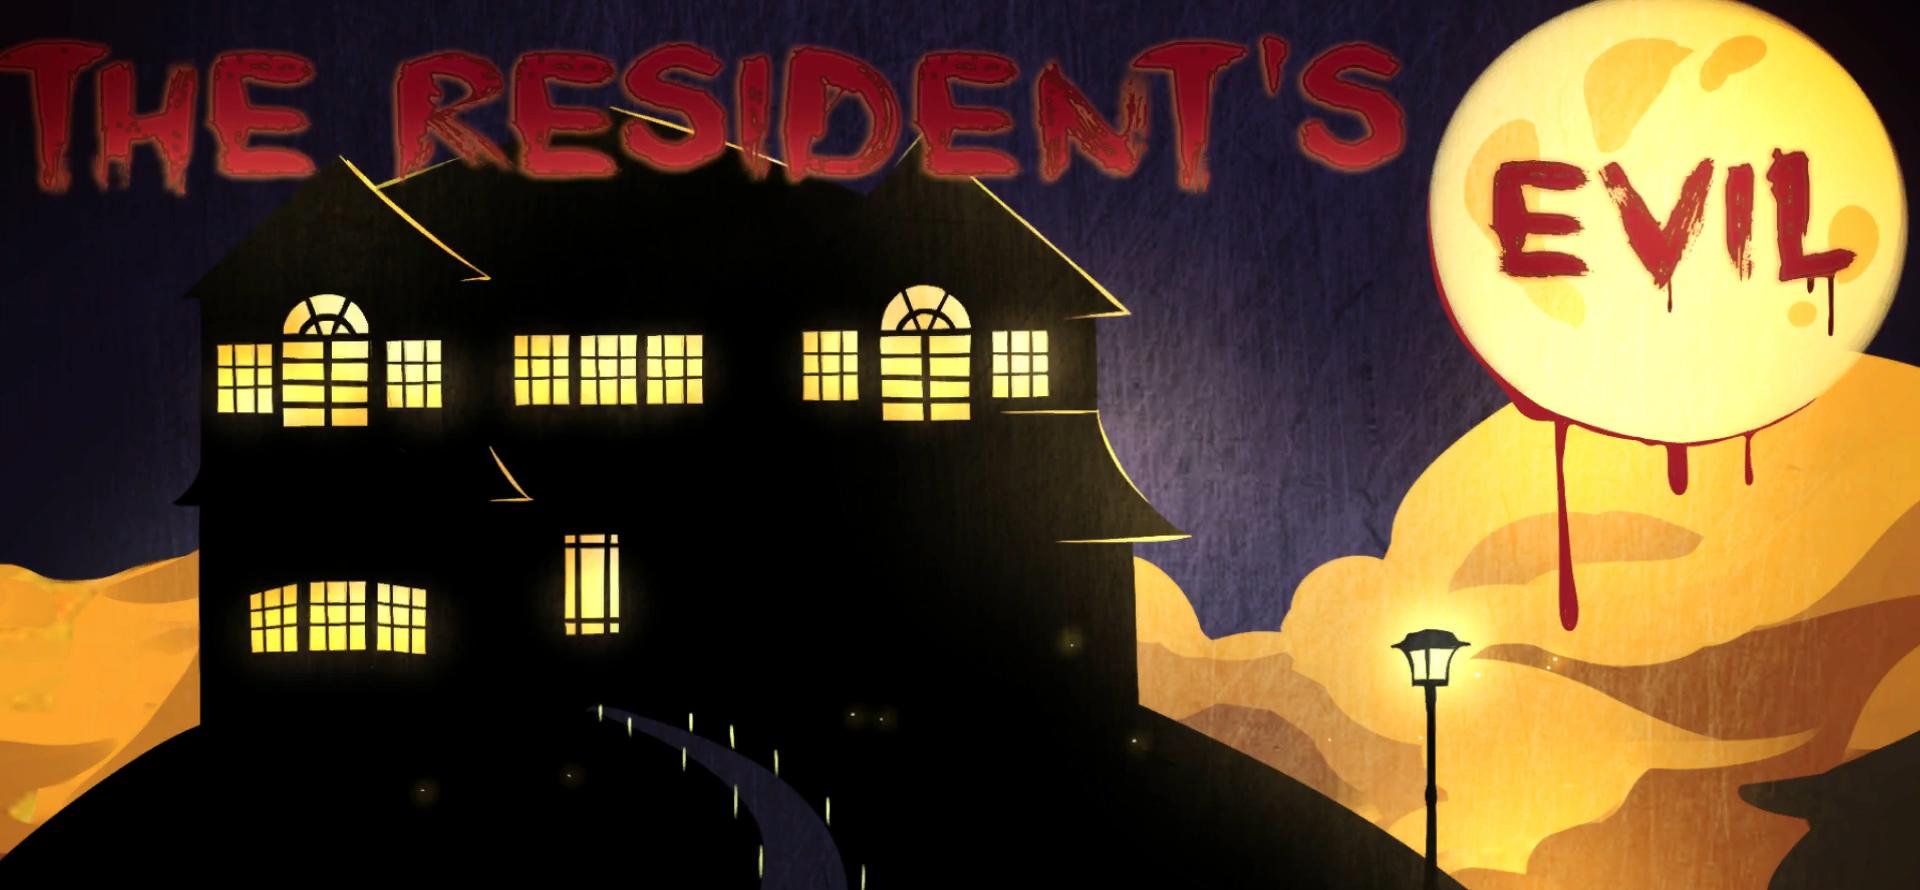 The Resident's Evil